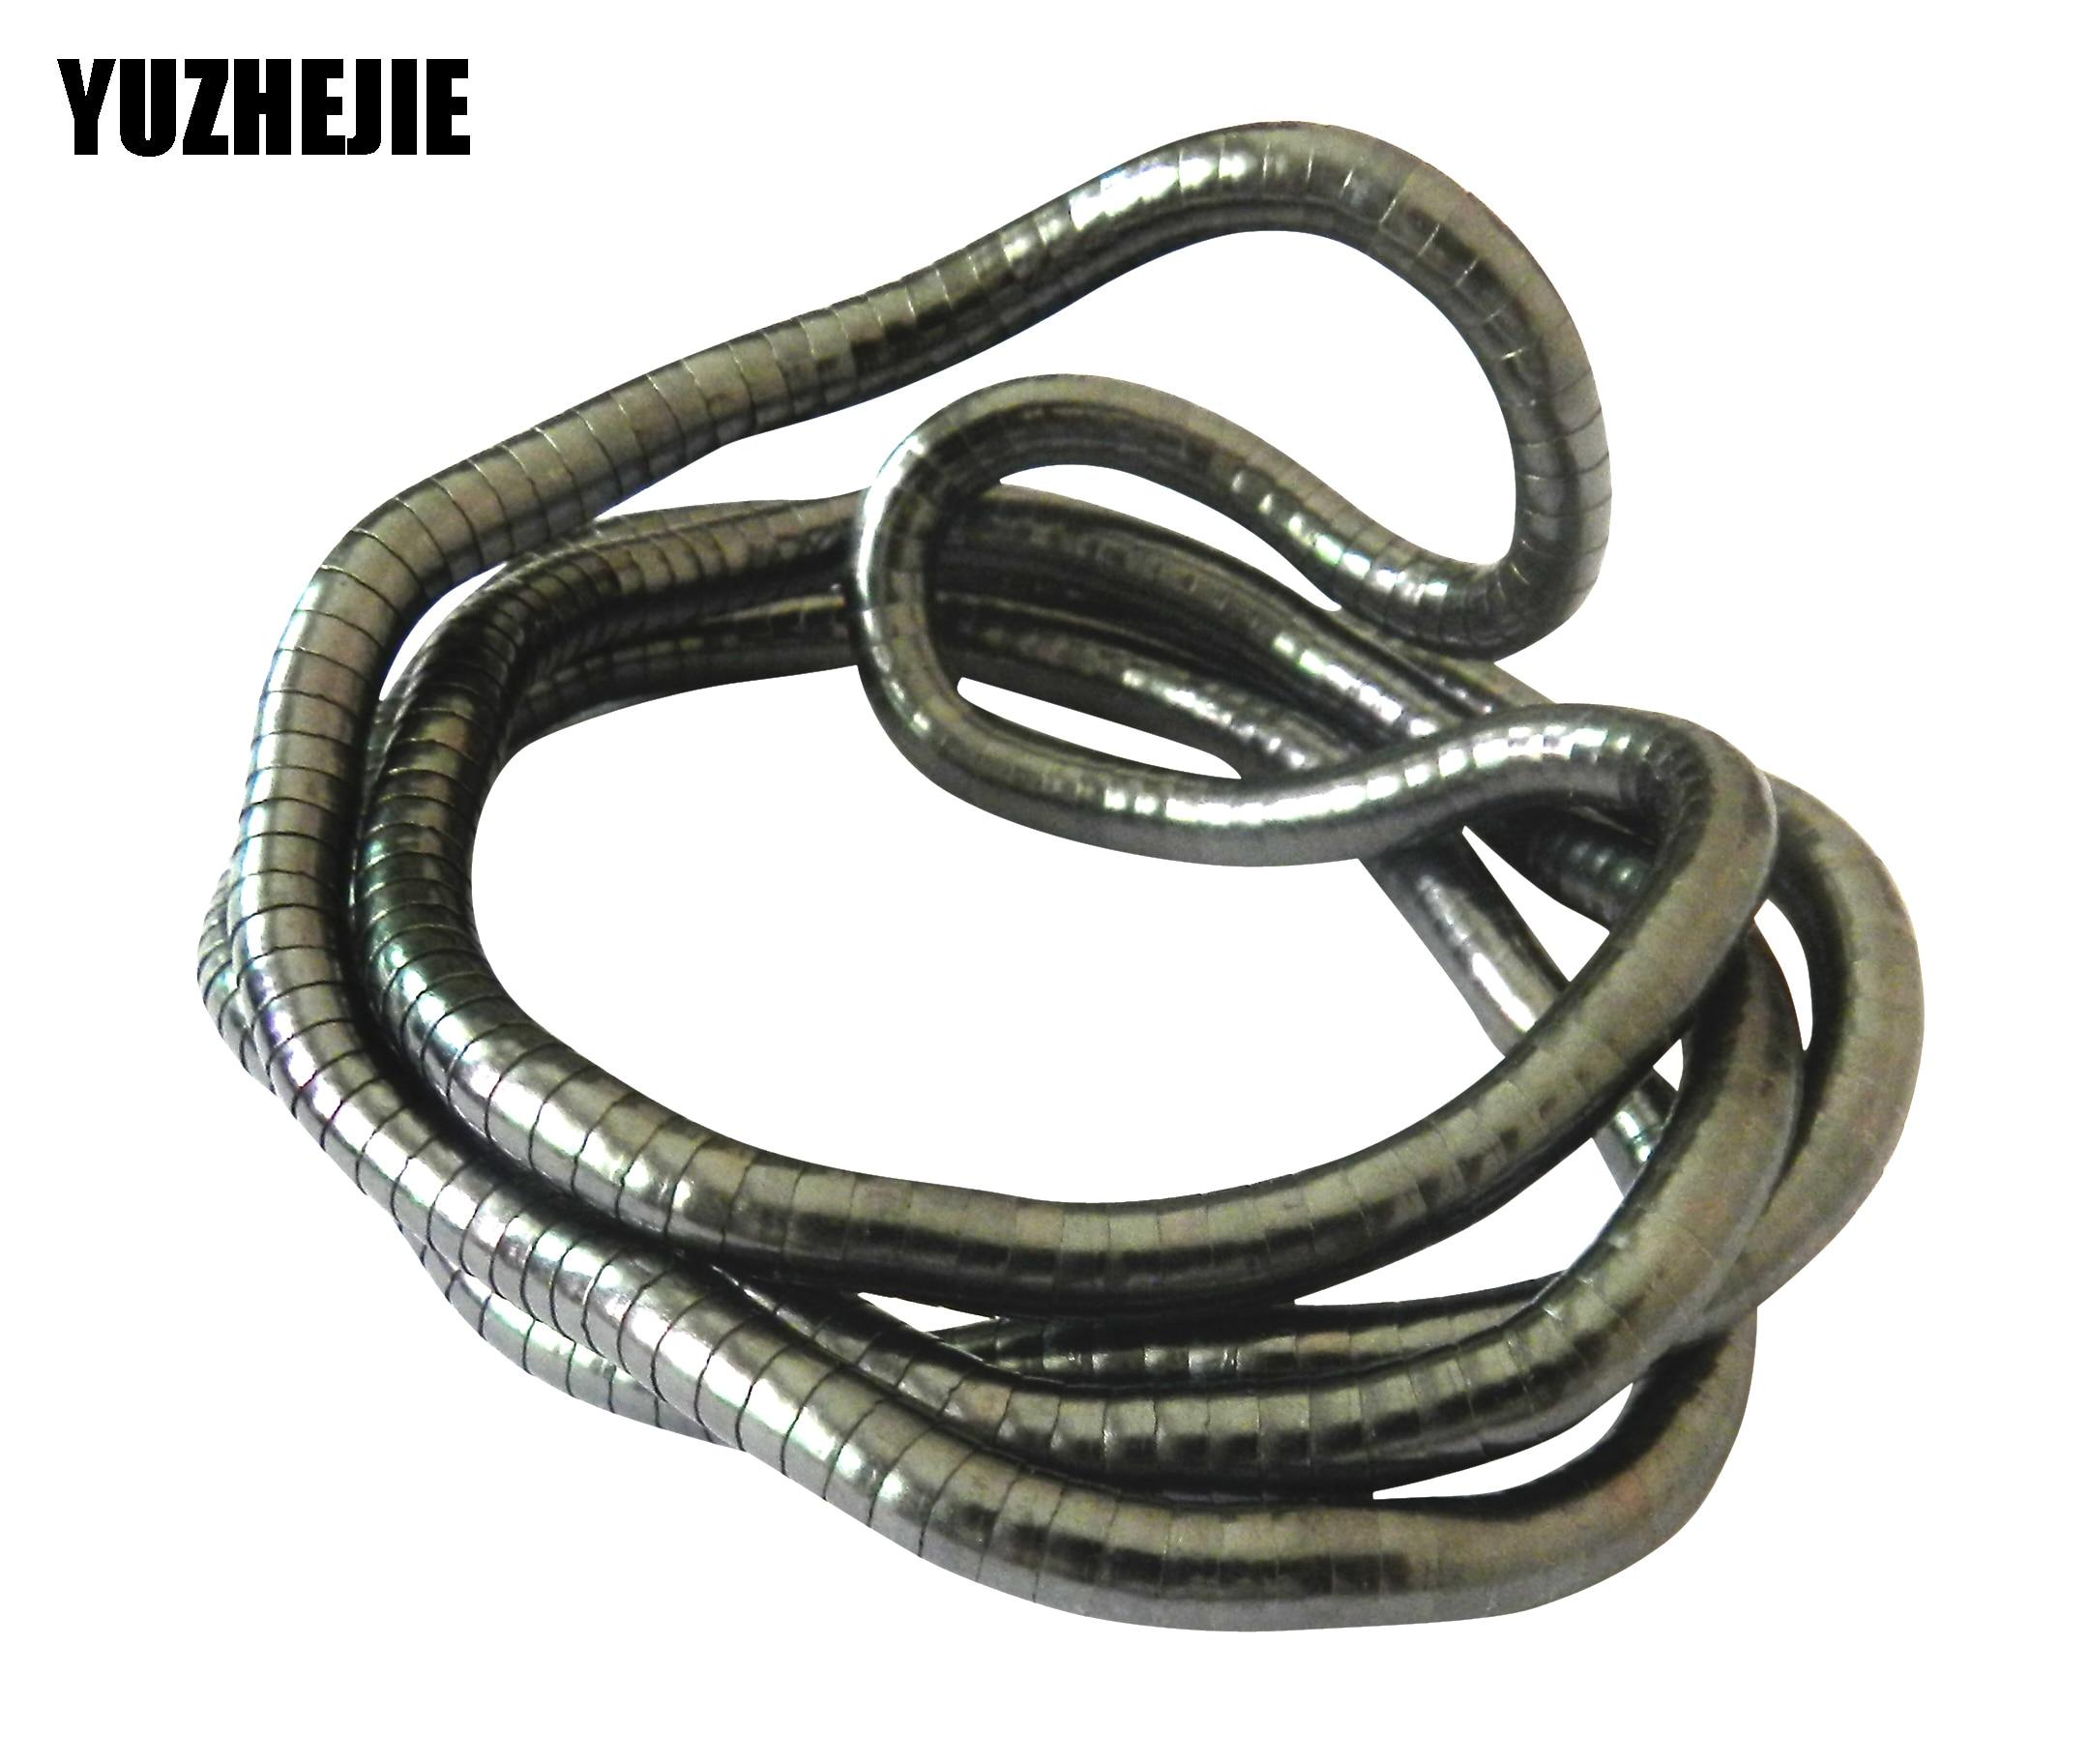 ¡YUZHEJIE 2018 nueva prisa! Collar retorcido de 900mm de longitud, cadena de serpiente Flexible, collares de joyería